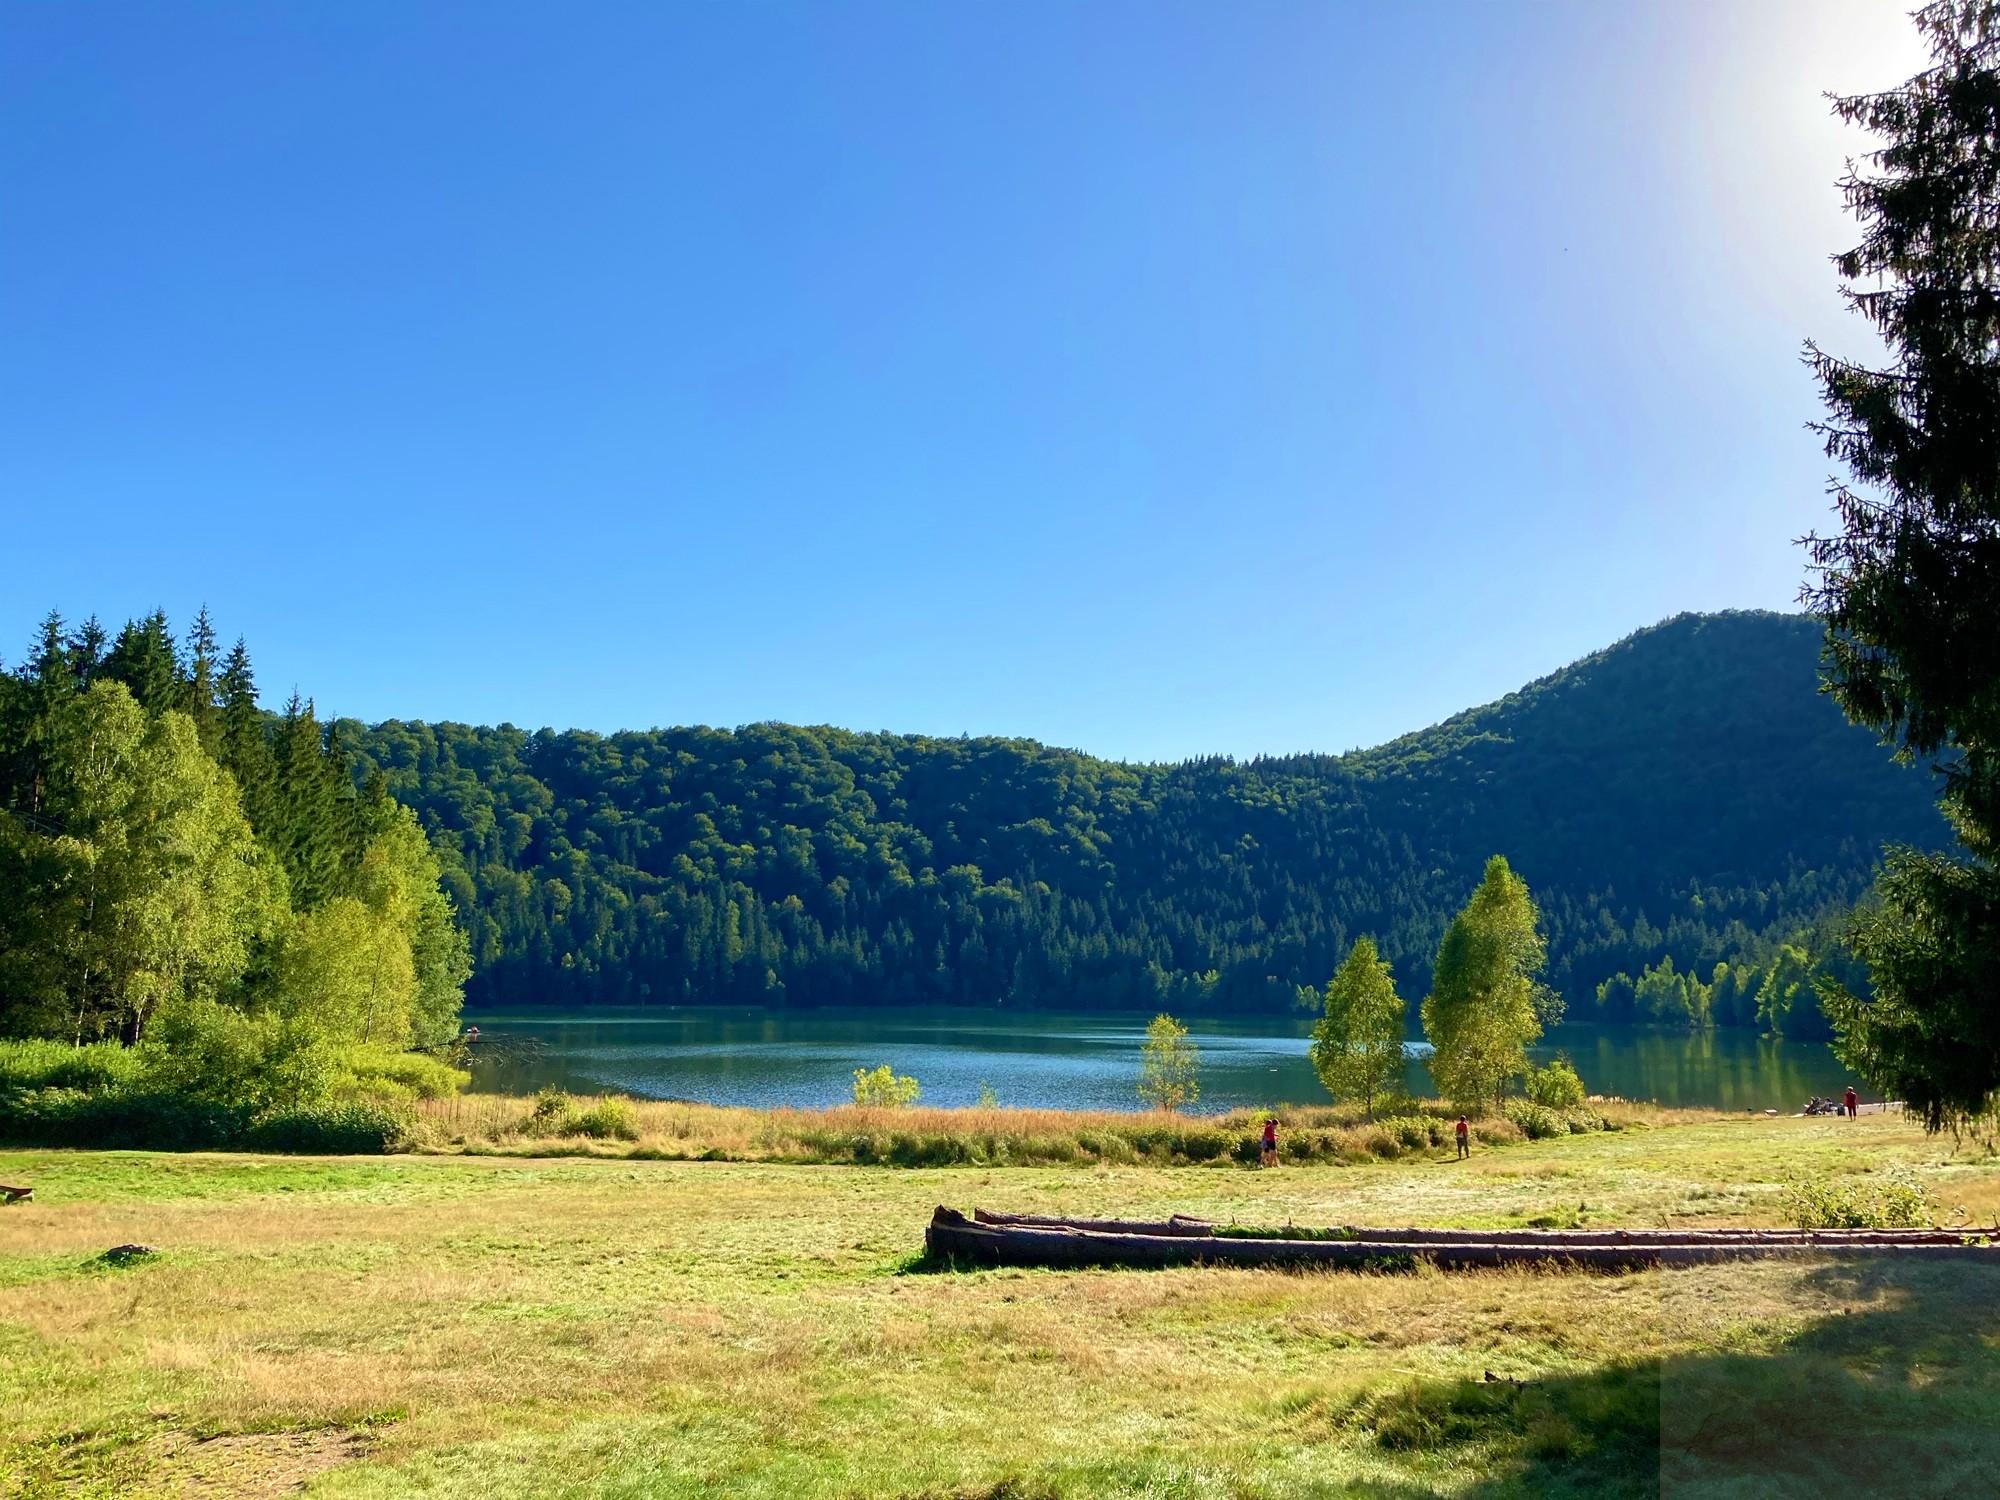 Culorile schimbătoare ale Lacului Sfânta Ana